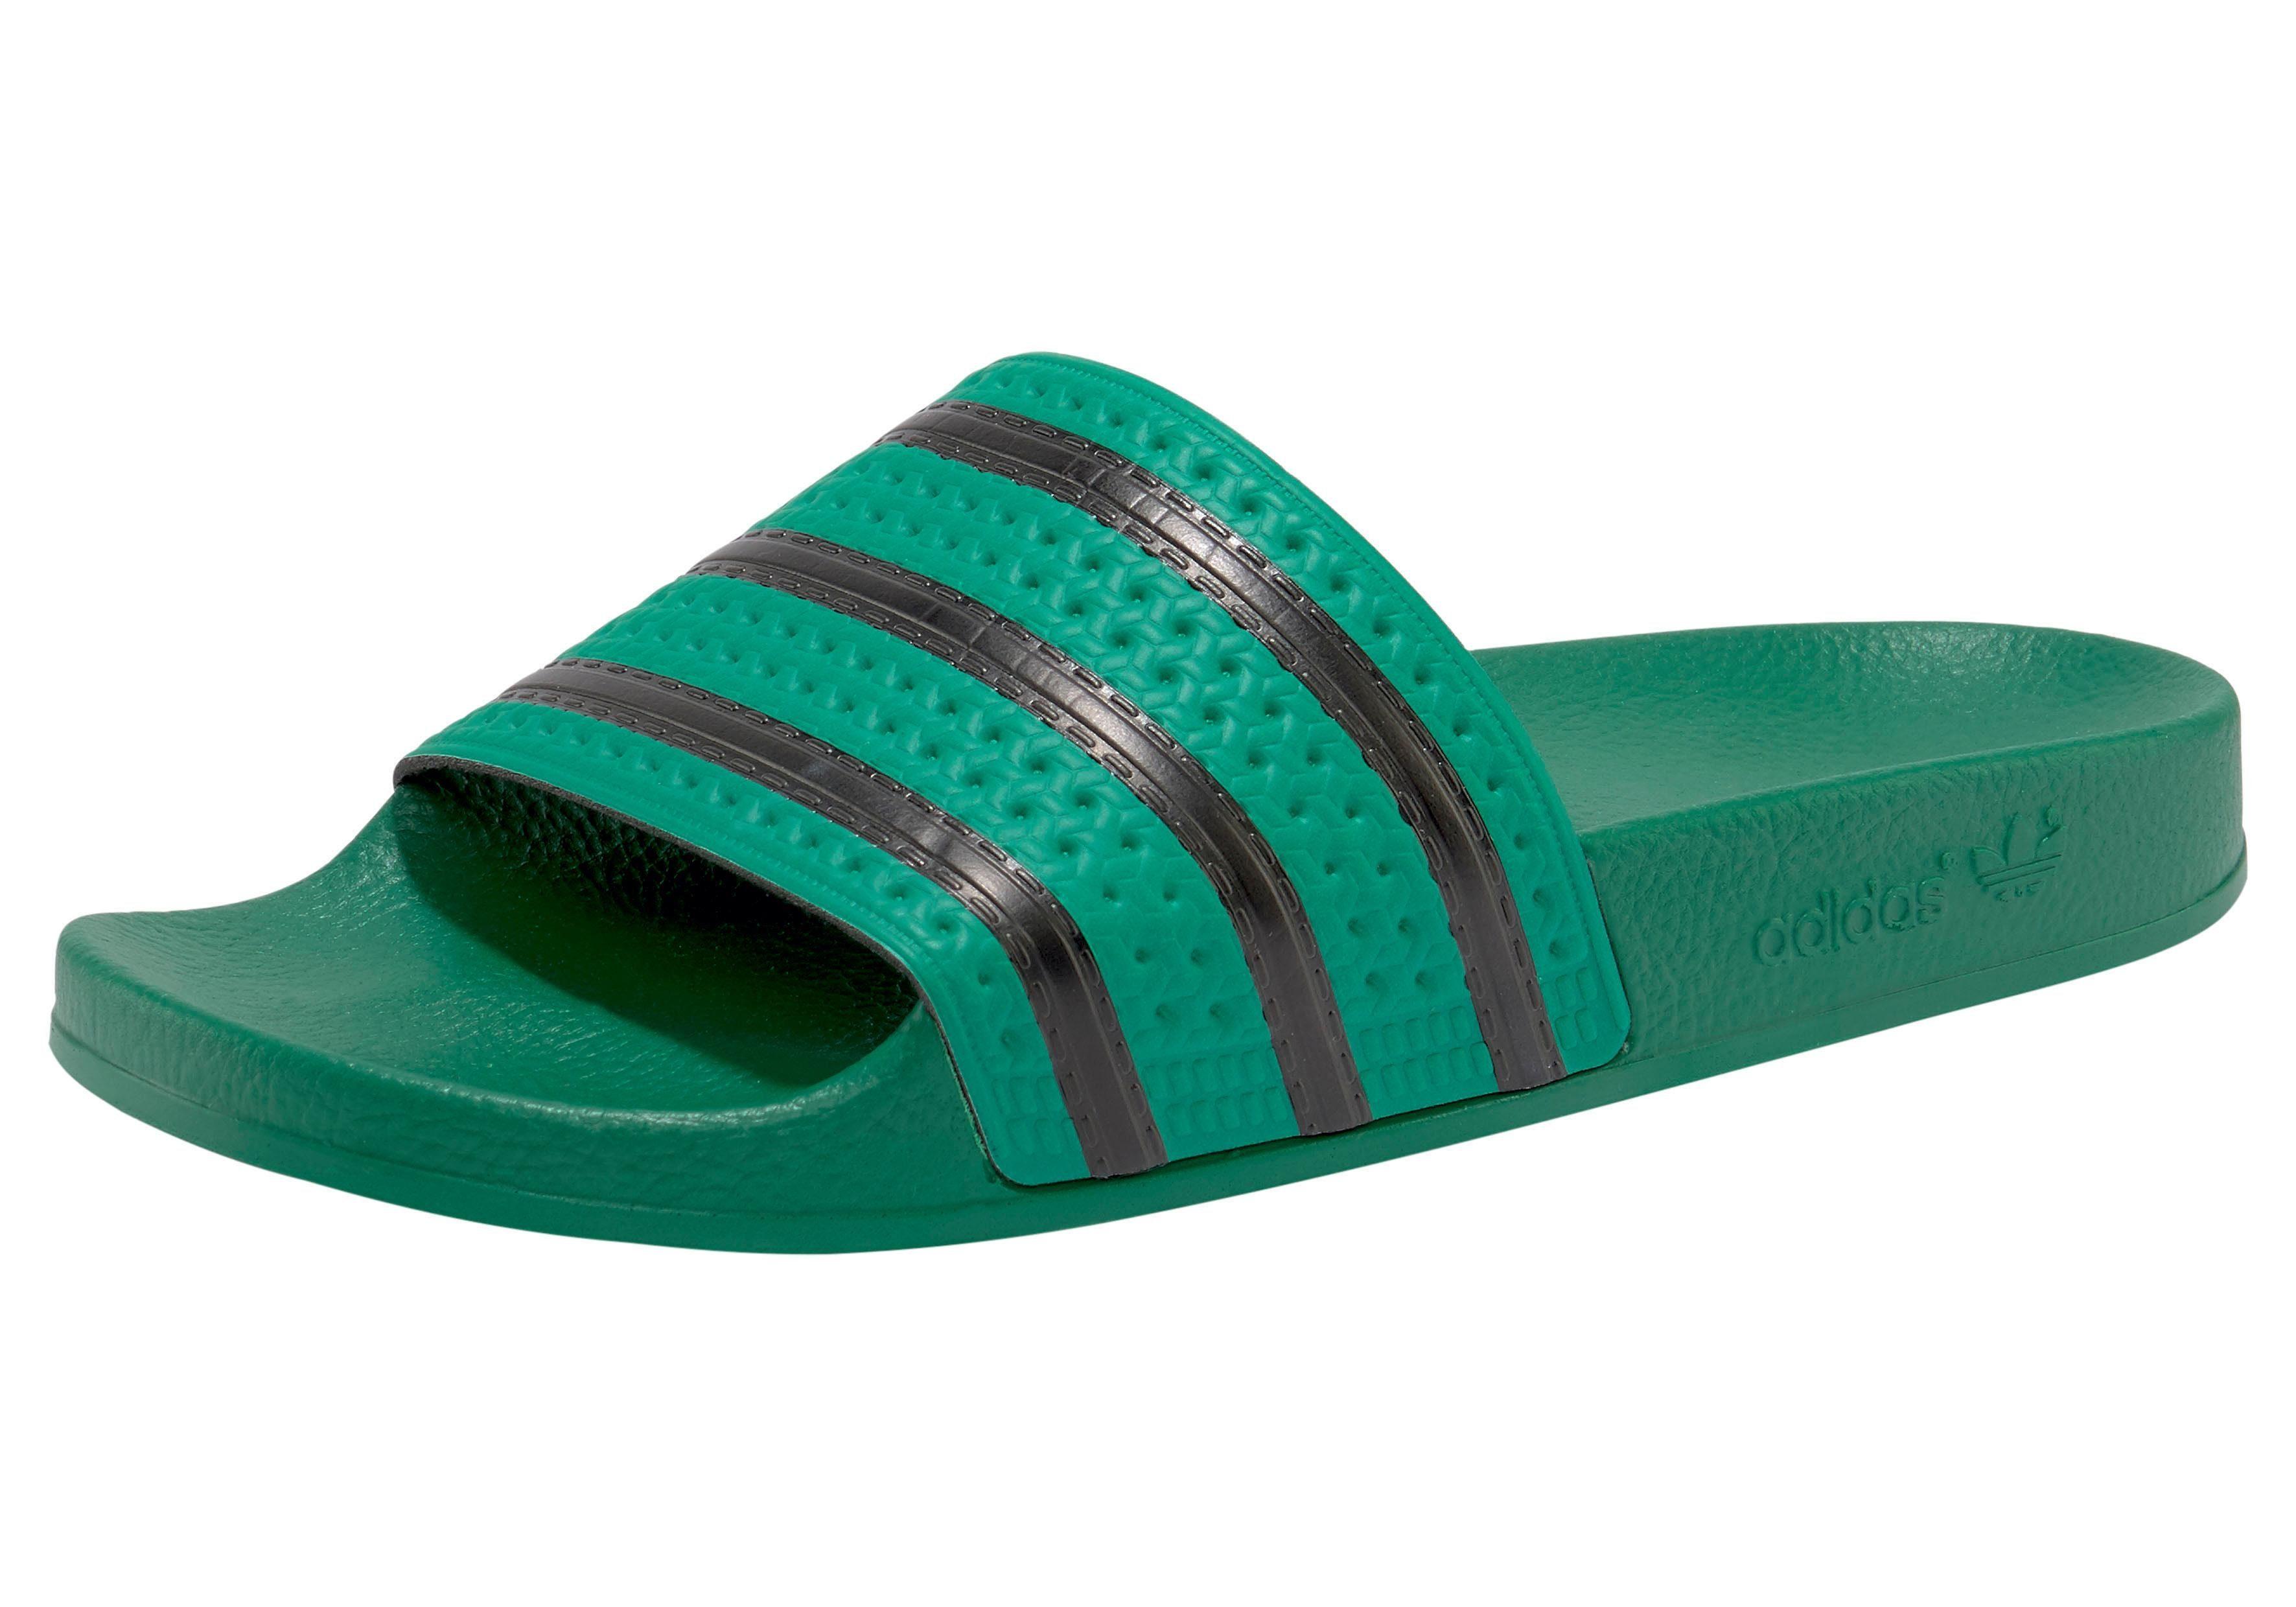 adidas Originals »Adilette« Badesandale, Klassische Badesandale von adidas online kaufen | OTTO